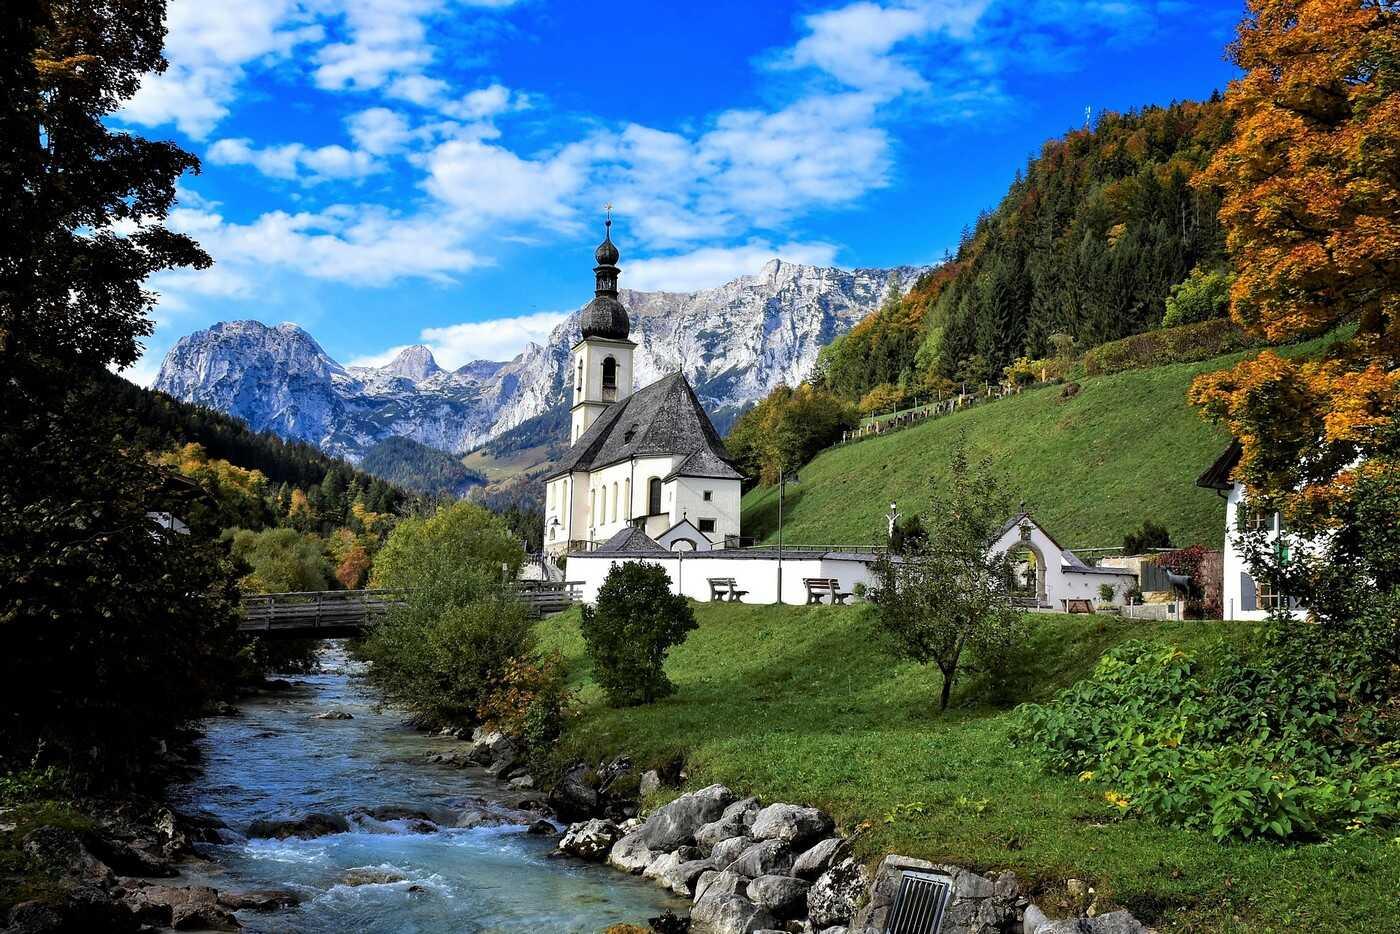 église de ramsau près de berchtesgaden